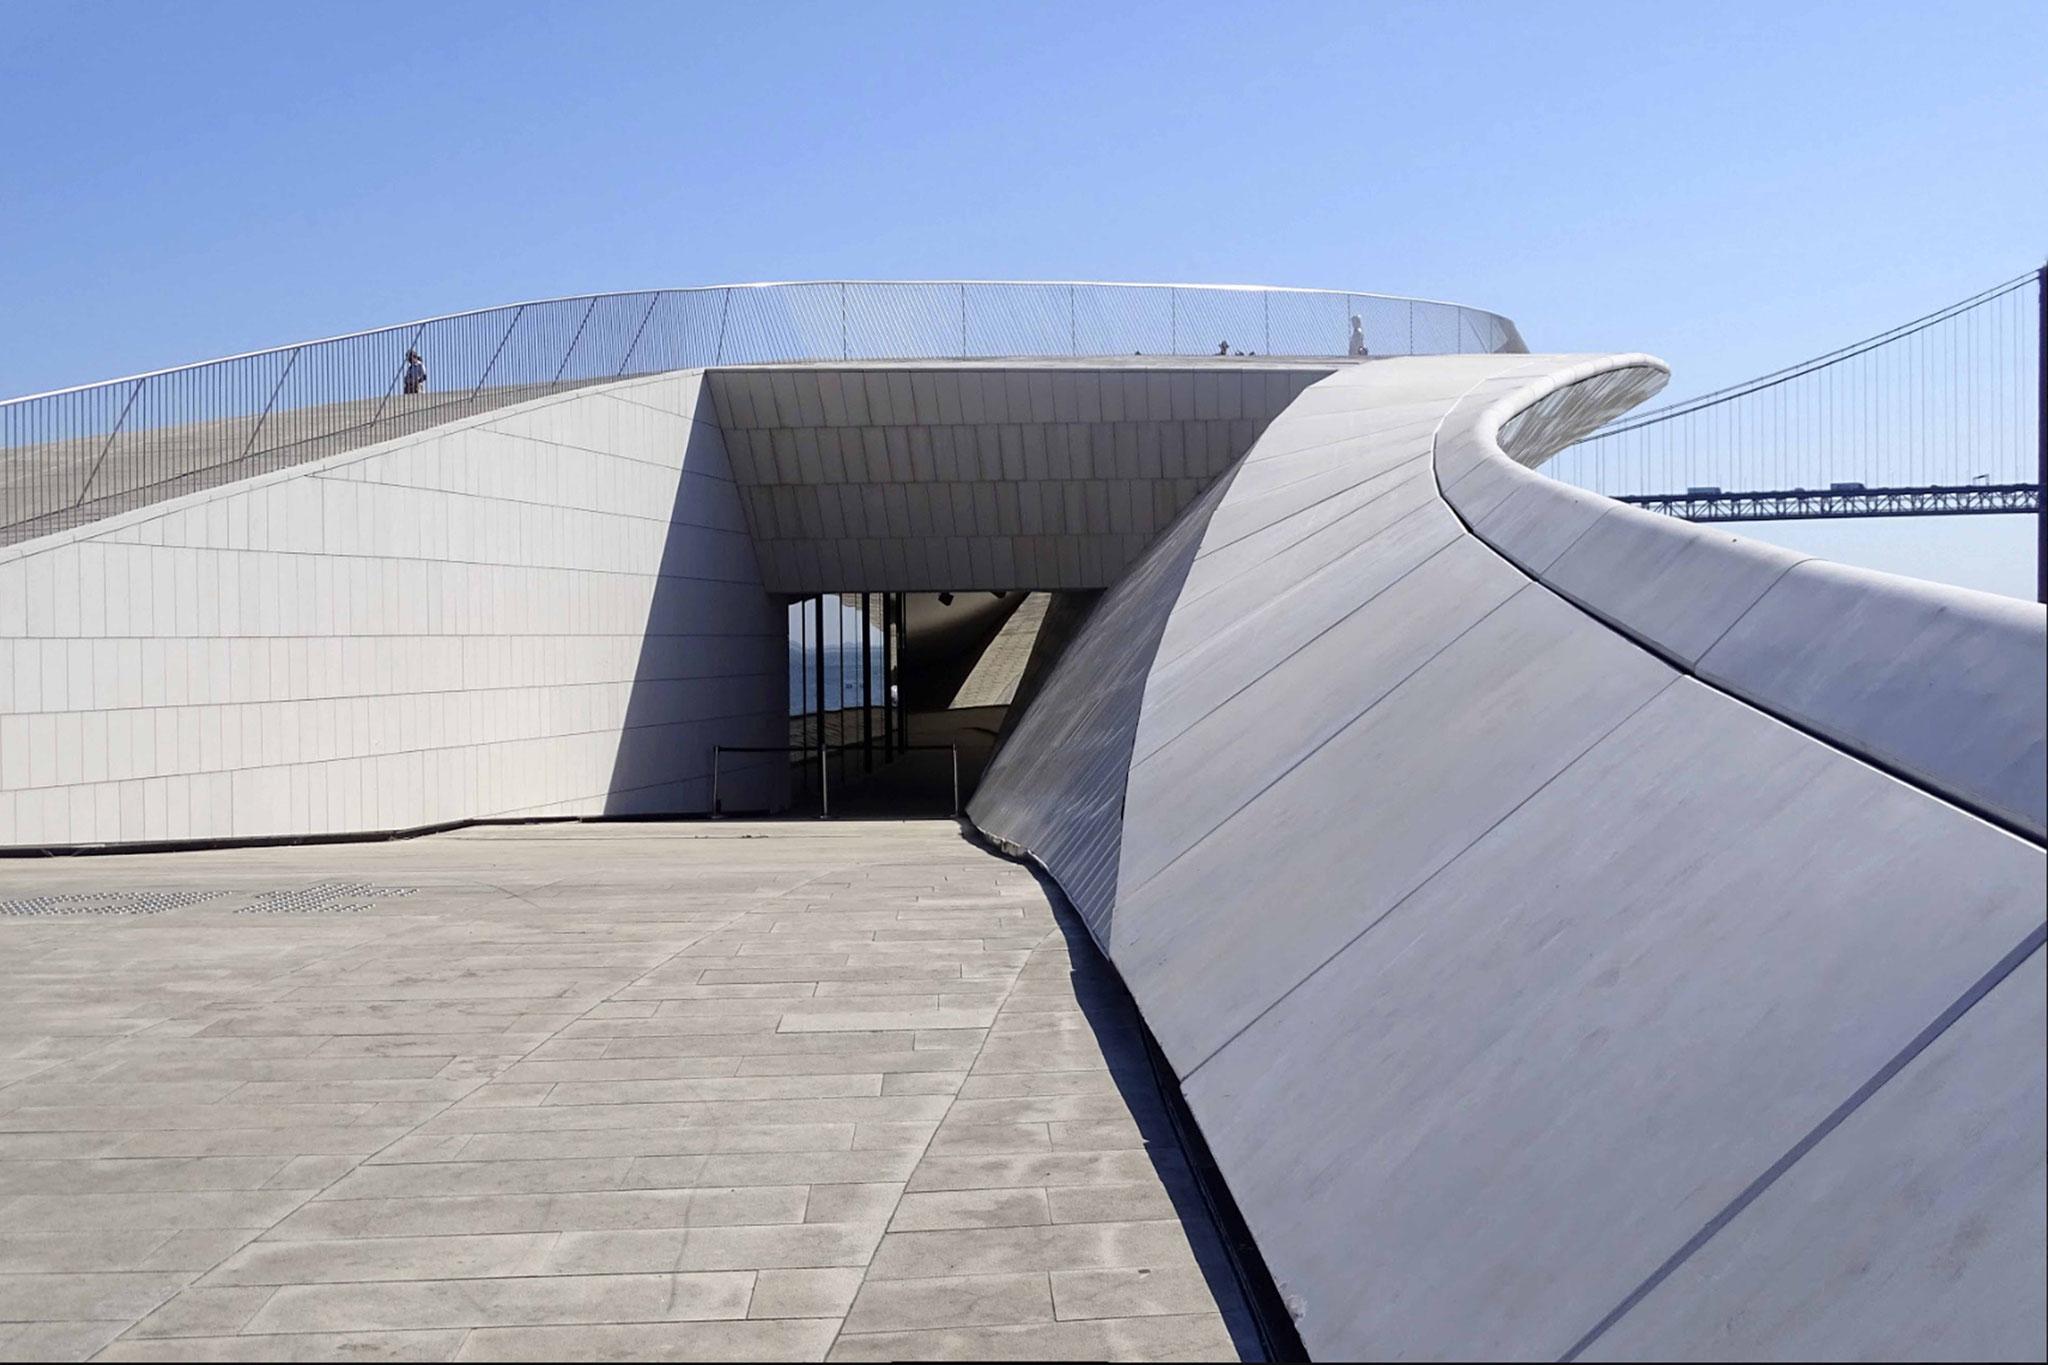 Isabelle ROUSSEAU - Le musée MAAT de Lisbonne